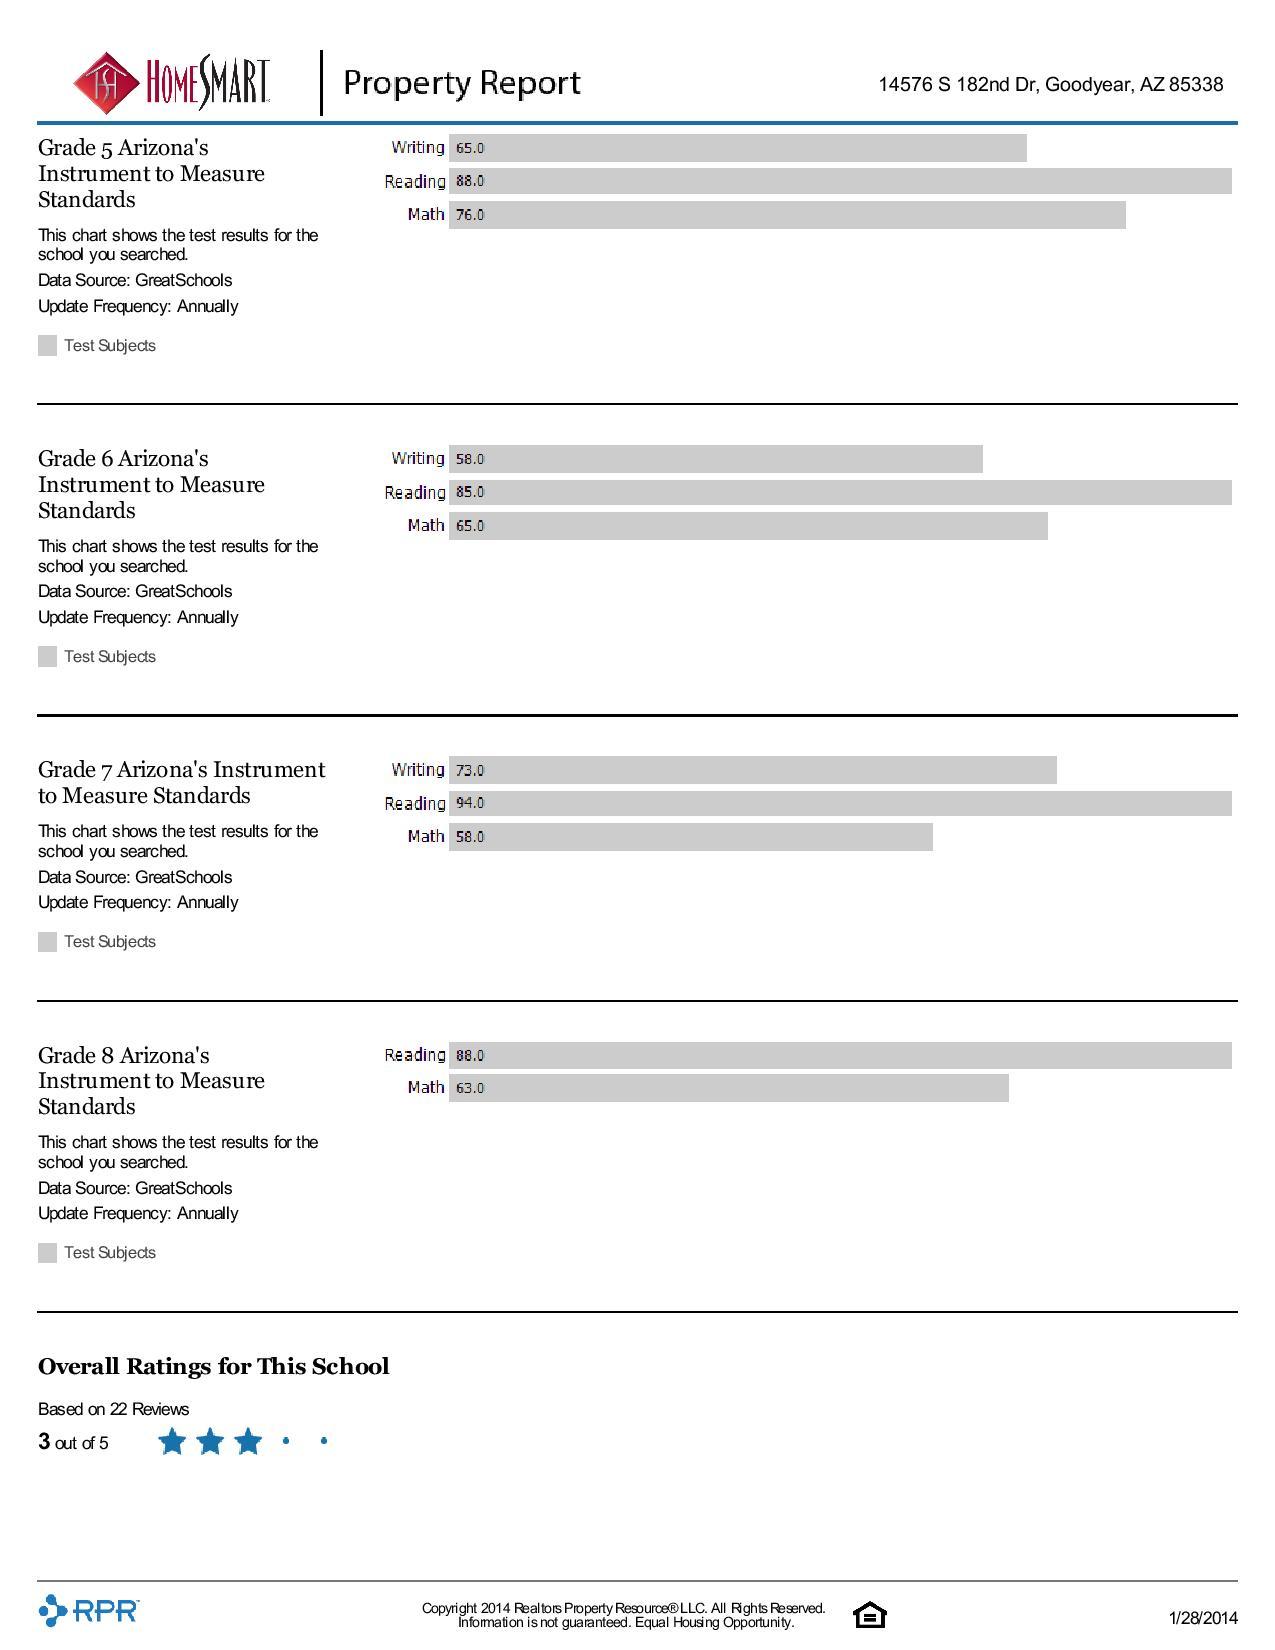 14576-S-182nd-Dr-Goodyear-AZ-85338.pdf-page-014